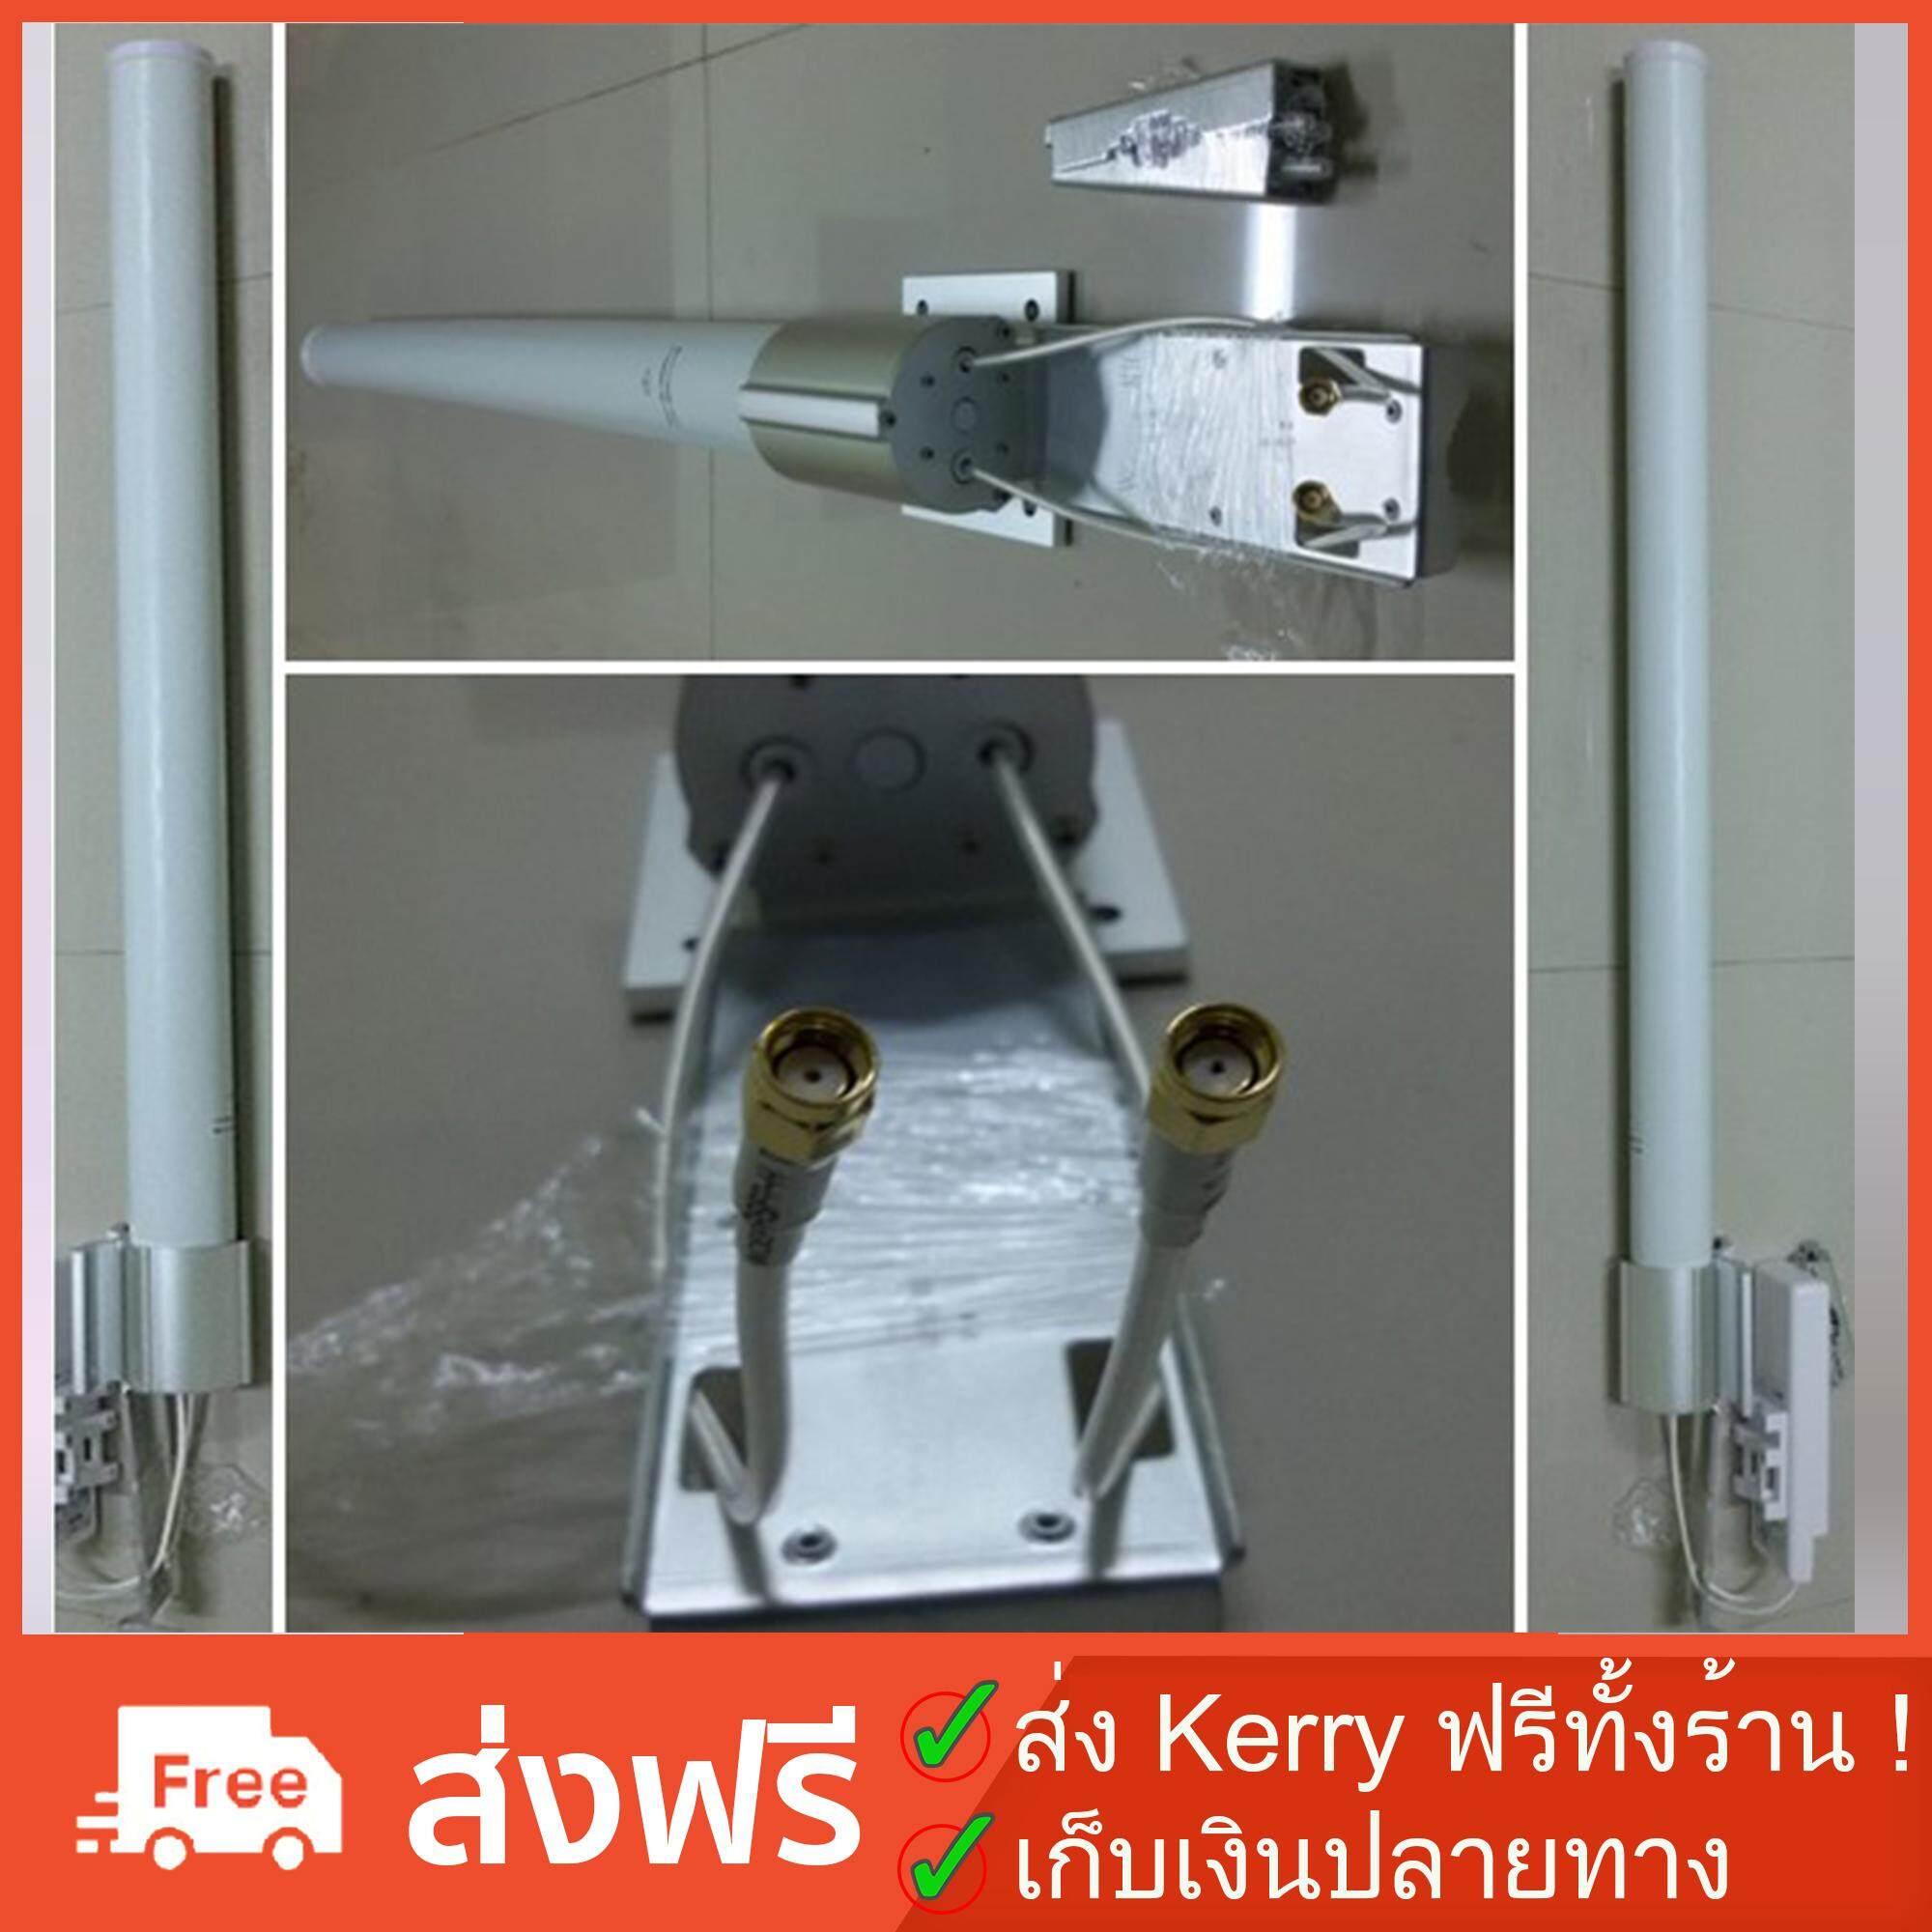 ส่ง Kerry ฟรีทั้งร้าน !! OA-2450-13DP : MIMO Dual Pole Omni 13dBi/2.4 GHz ใช้กับ Rocket M2 ได้